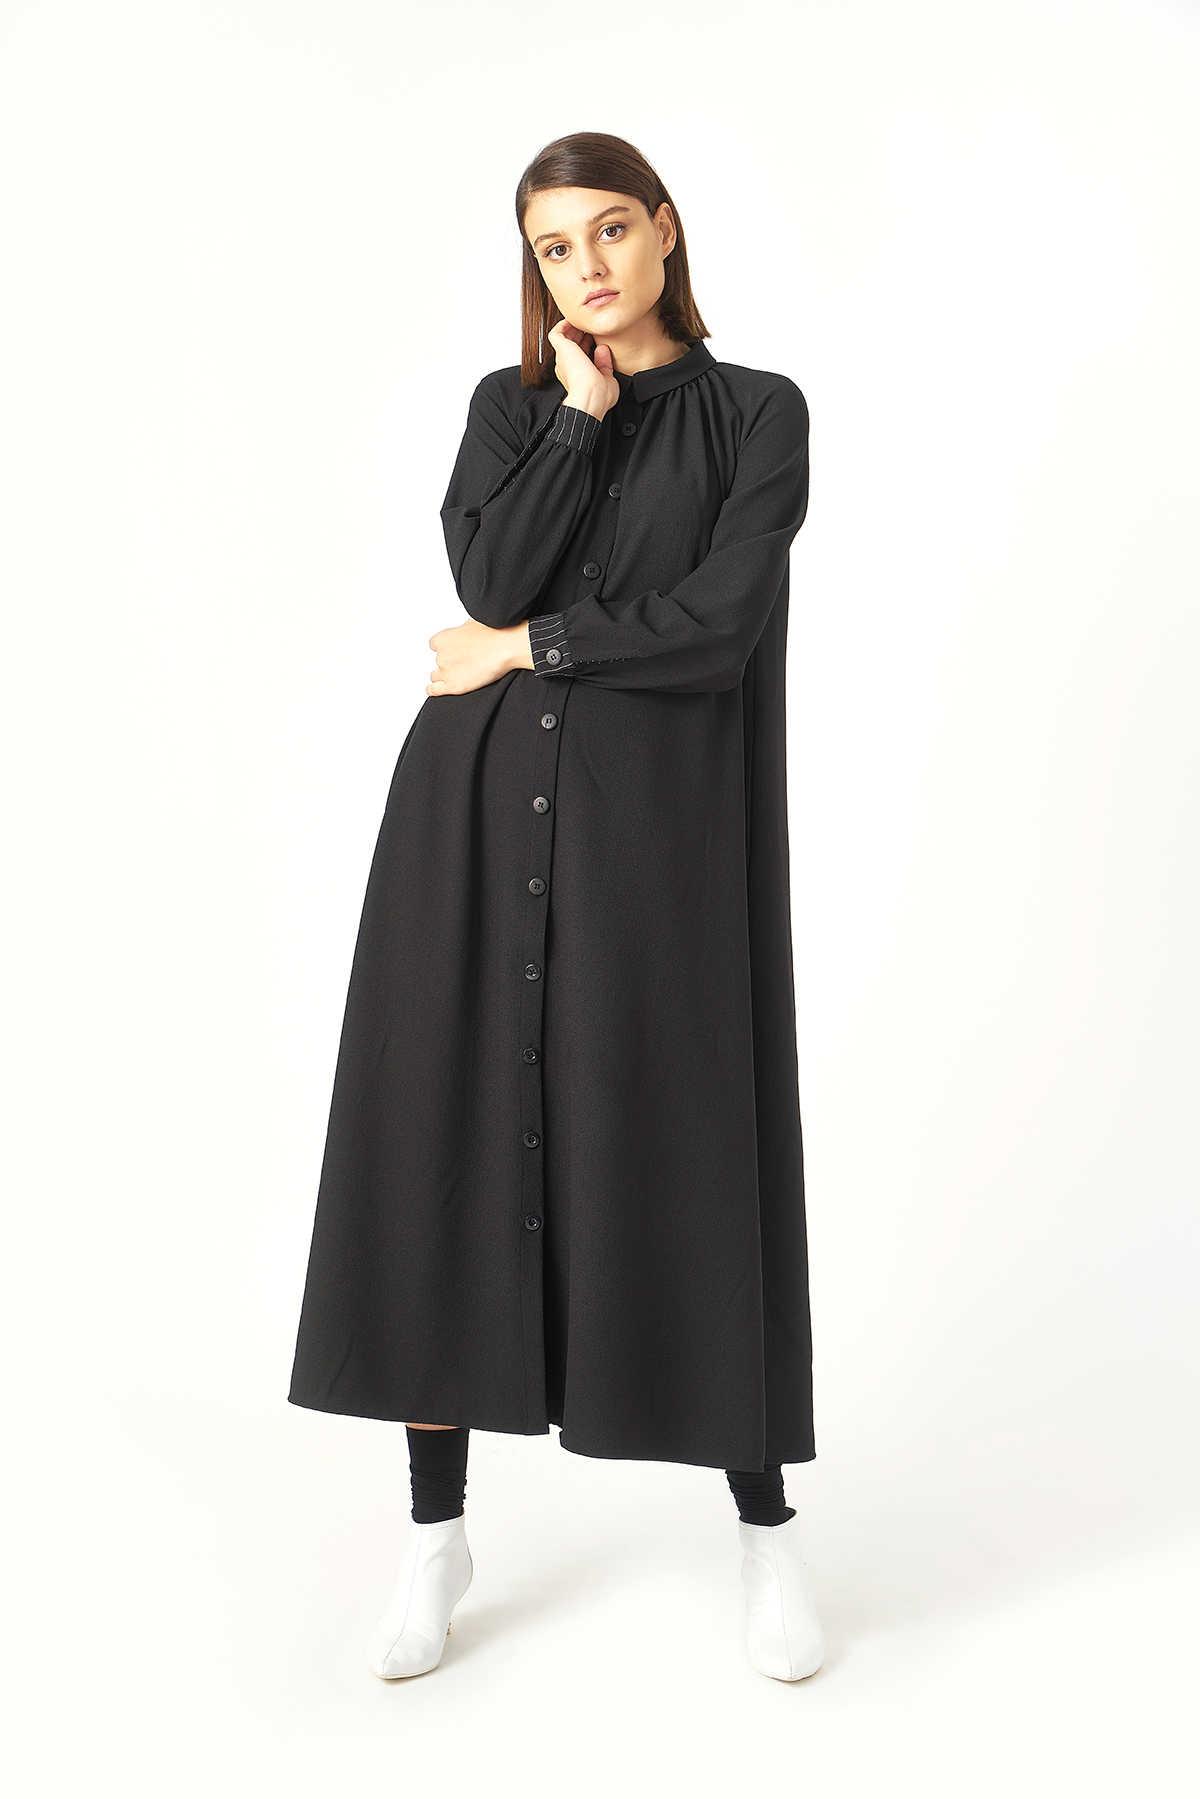 Kuaybe Gider - Kuaybe Gider Siyah Elbise 2100